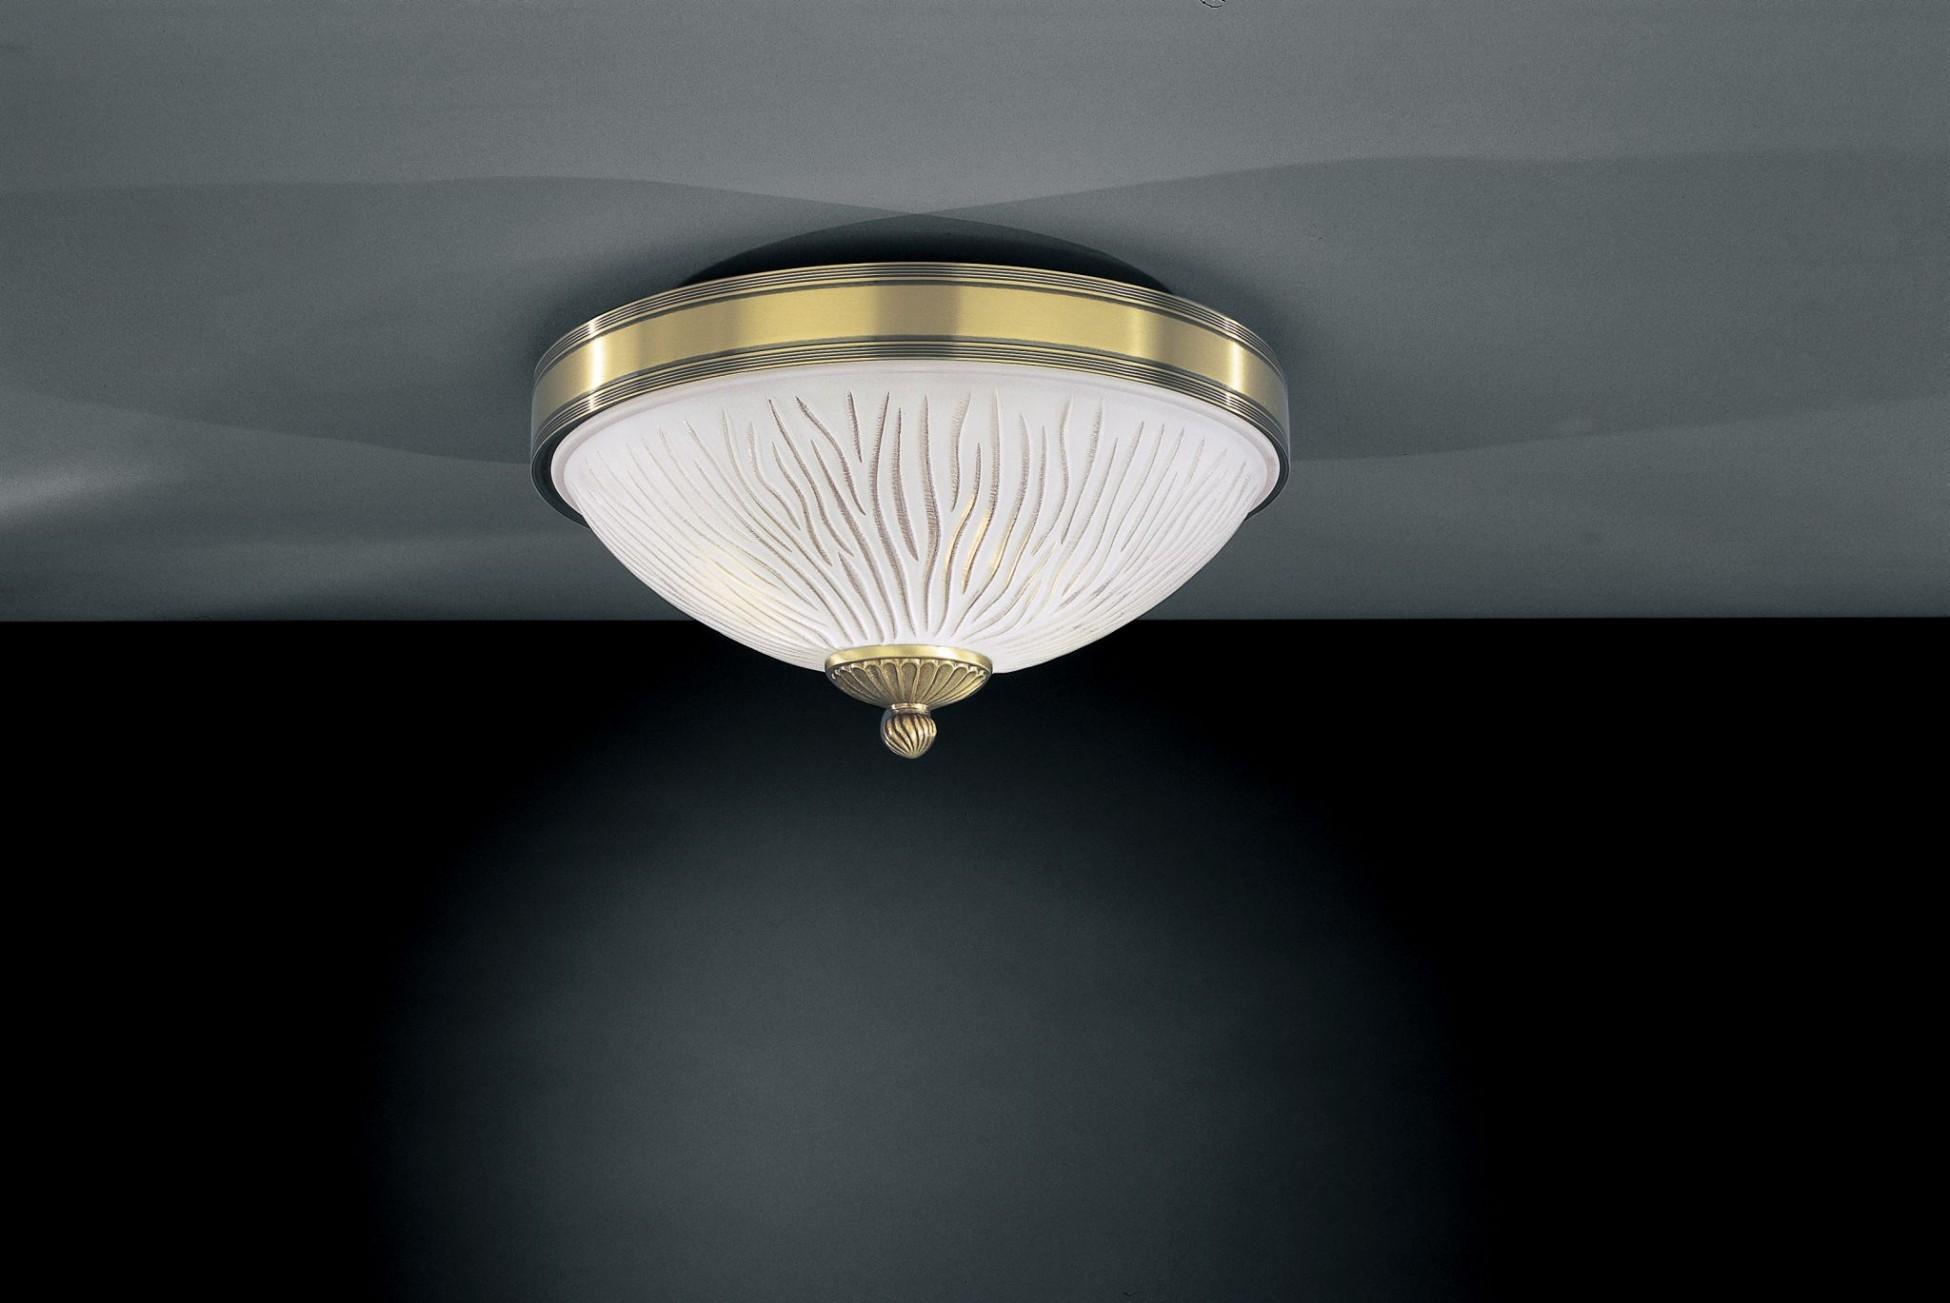 Plafoniera Ottone : Plafoniera in ottone e vetro bianco striato luci cm